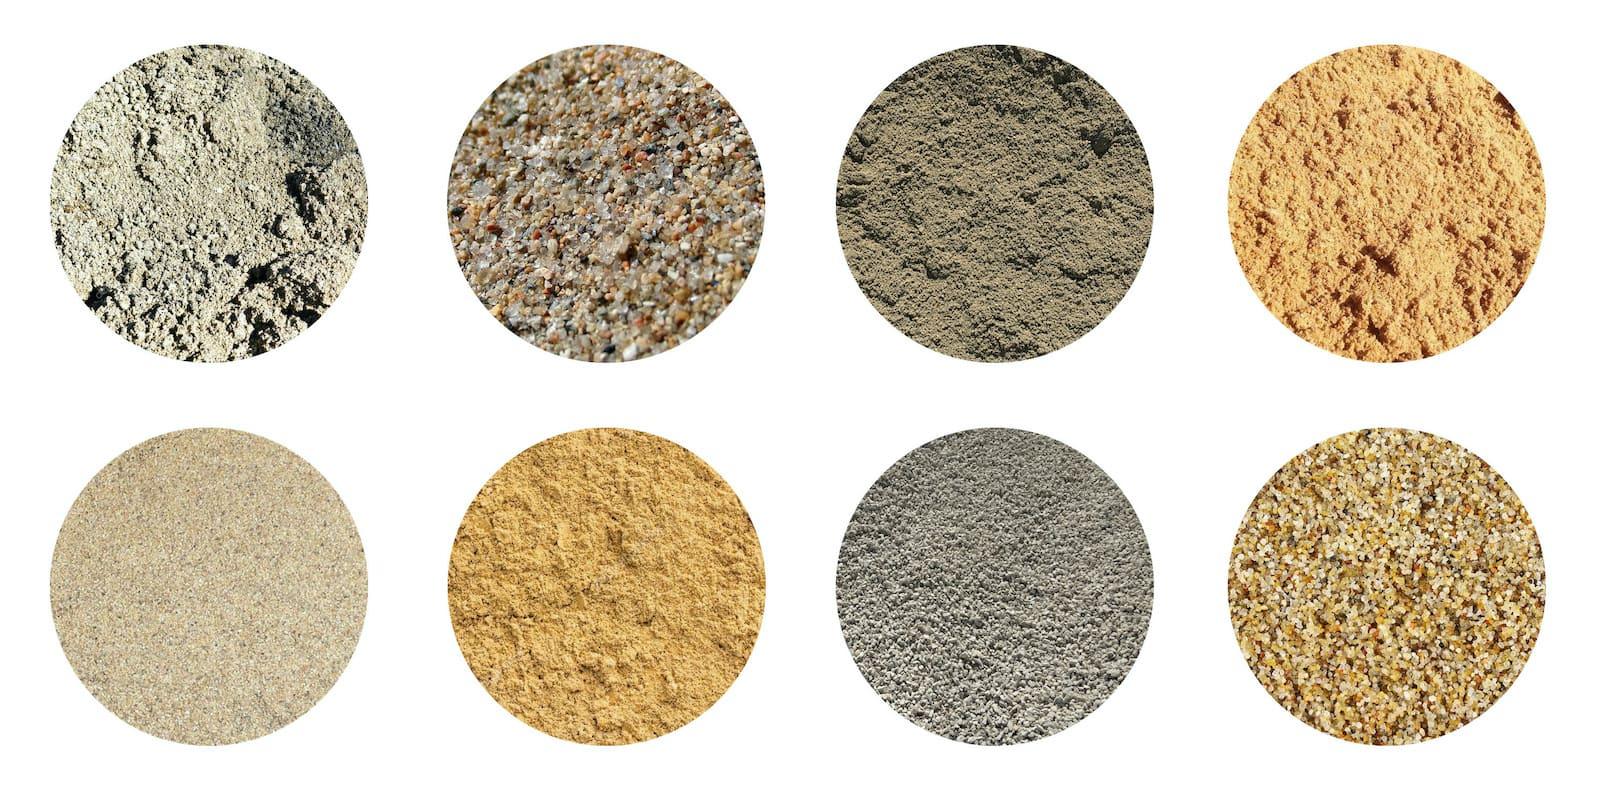 Песок с различной фракцией частиц